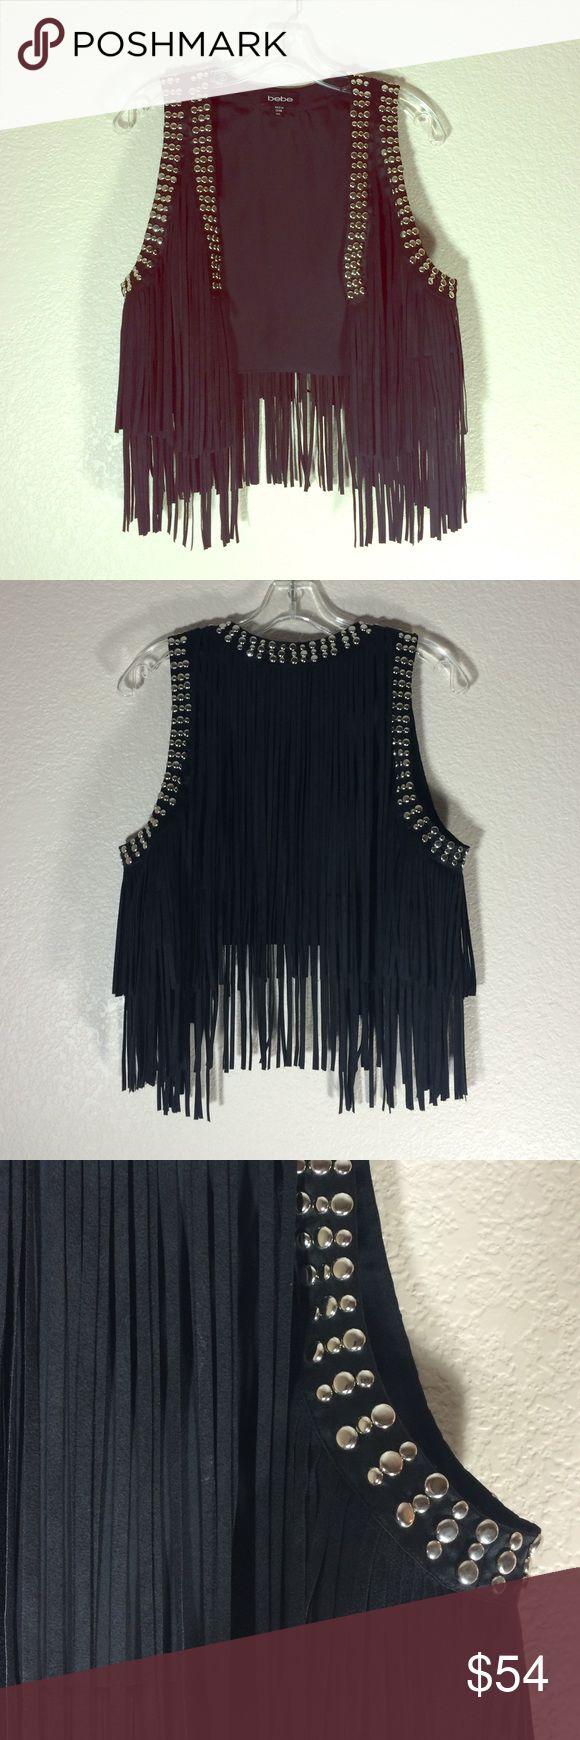 Black Fringe Vest with Silver Studs Black fringe vest with silver studs. bebe Jackets & Coats Vests